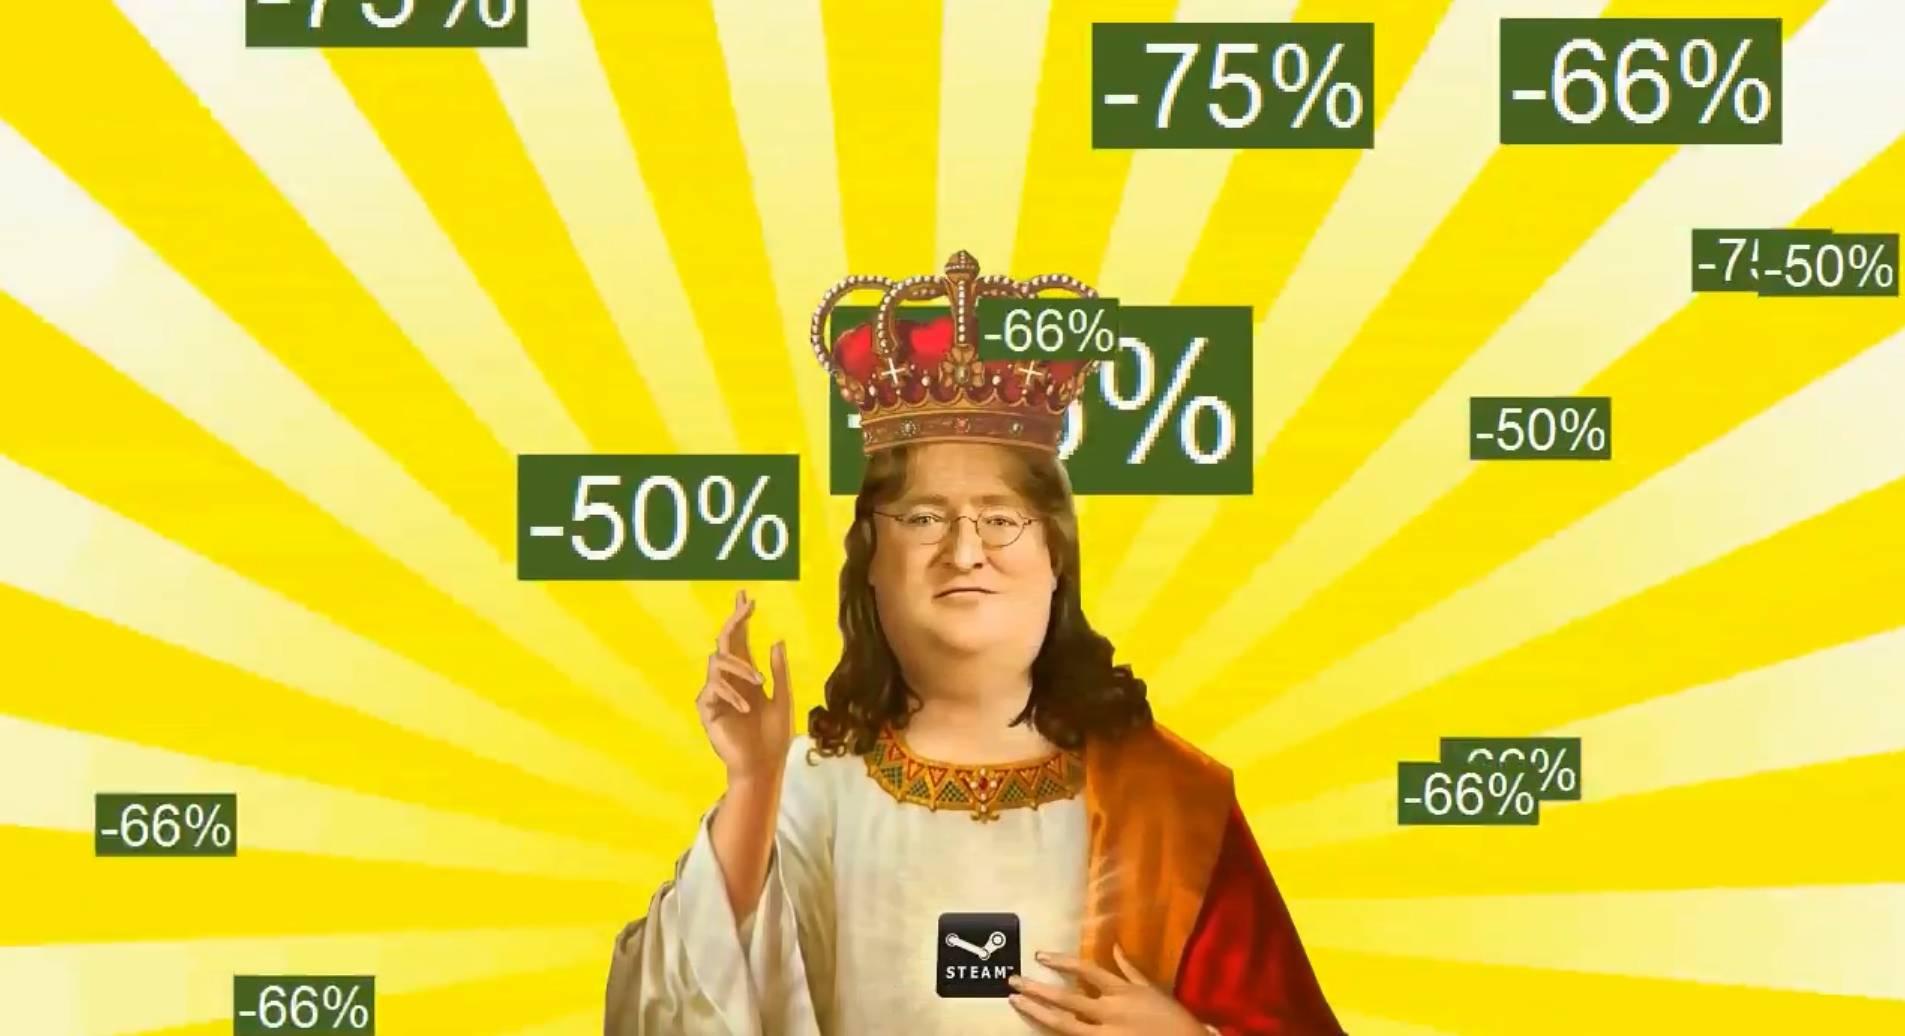 В сети появилась возможная дата масштабной распродажи в Steam в честь лунного нового года